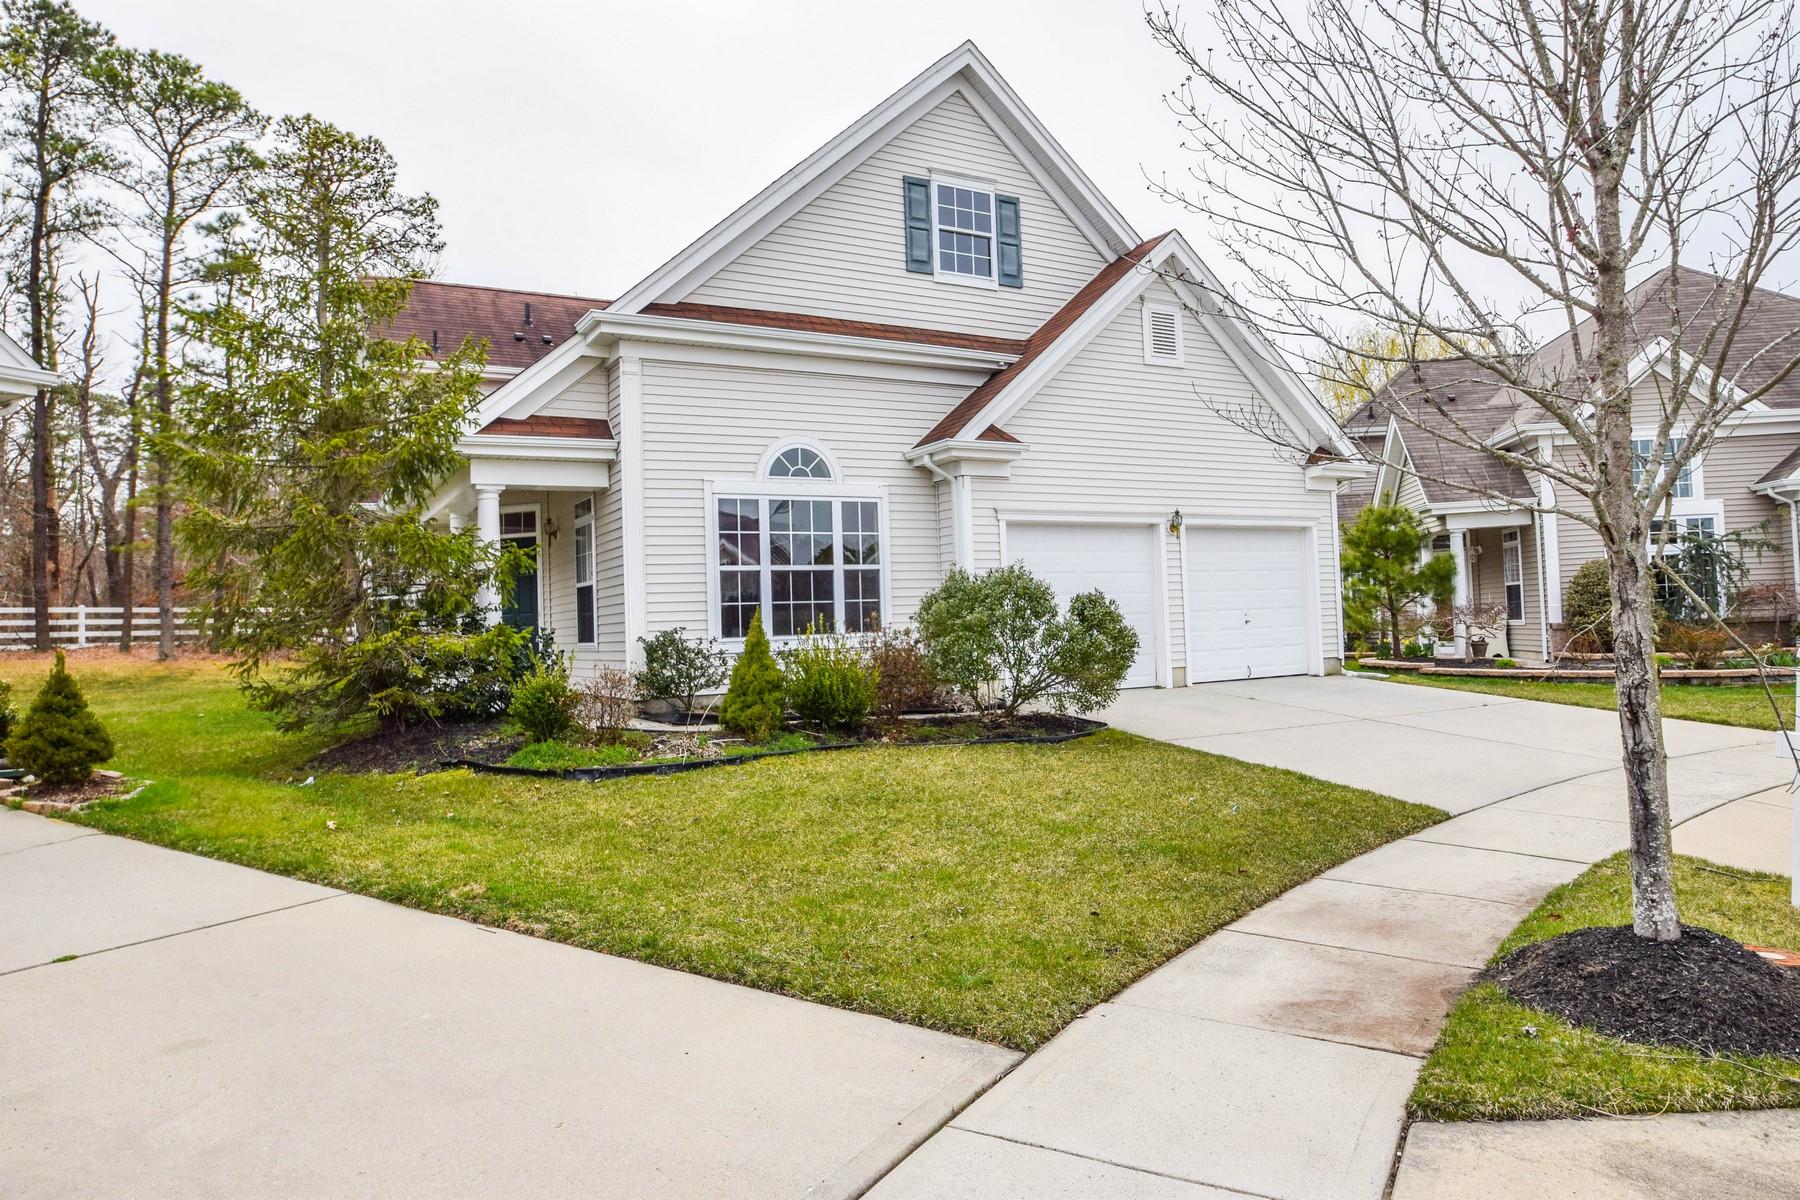 独户住宅 为 销售 在 139 Garnett Ln 139 Garnett Ln 蛋港镇, 新泽西州 08234 美国